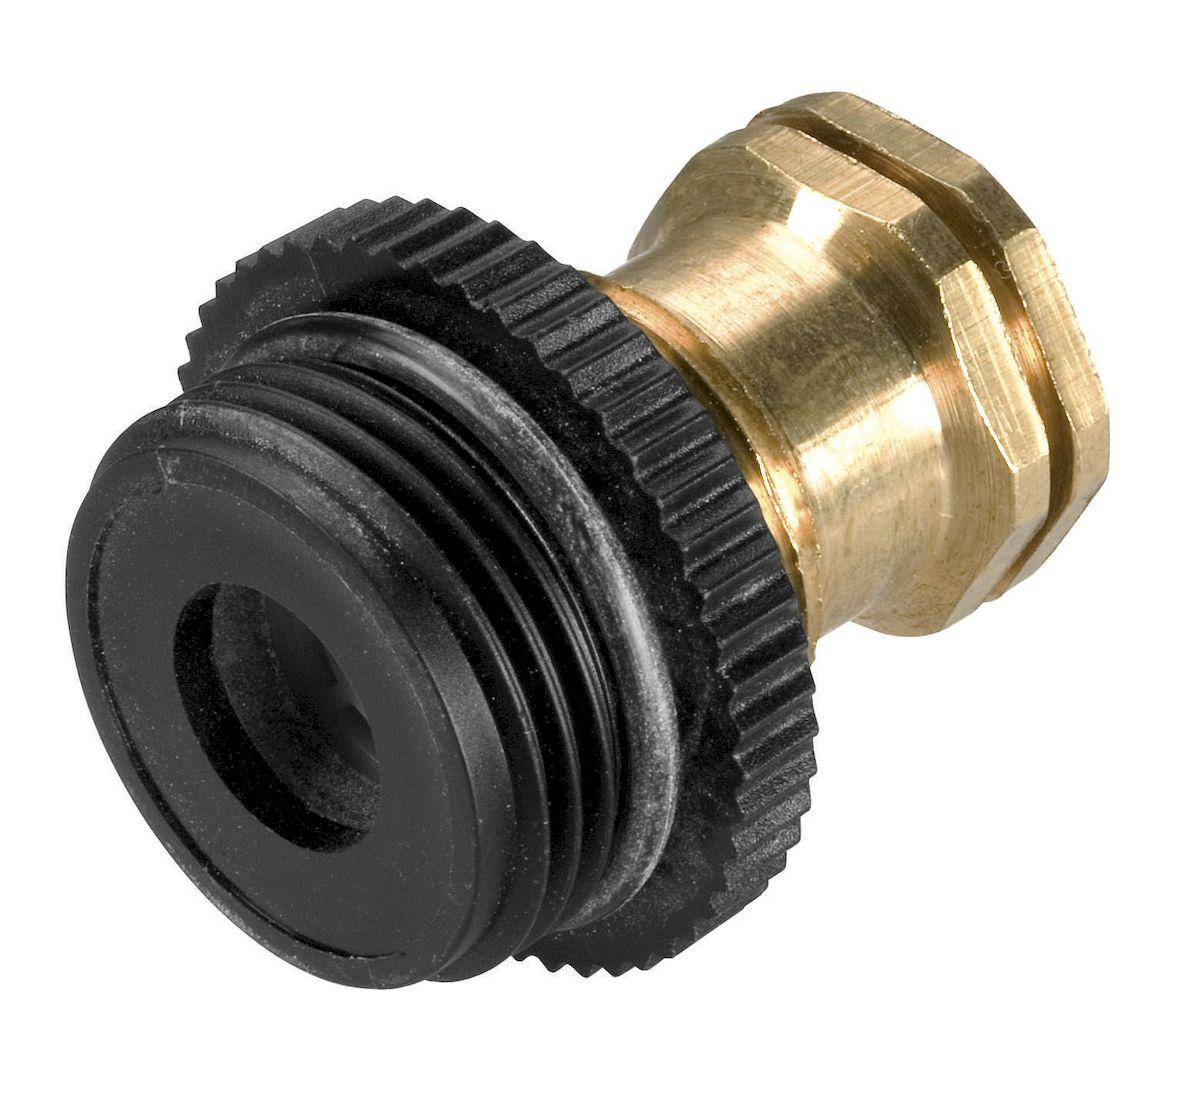 Дренажный клапан Gardena02760-37.000.00Дренажный клапан Gardena, входящий в систему дождевания Gardena, предотвращает промерзание подземных частей системы. Эта задача решается путем автоматического дренажа при отключении системы. Клапан открывается если давление воды в системе падает ниже величины порядка 0,2 бар. Дренажные клапаны следует устанавливать в самой нижней точке системы полива и, для обеспечения безопасного дренажа, они должны быть установлены в слое промытого грубого гравия. Соединение осуществляется за счет резьбы 3/4.